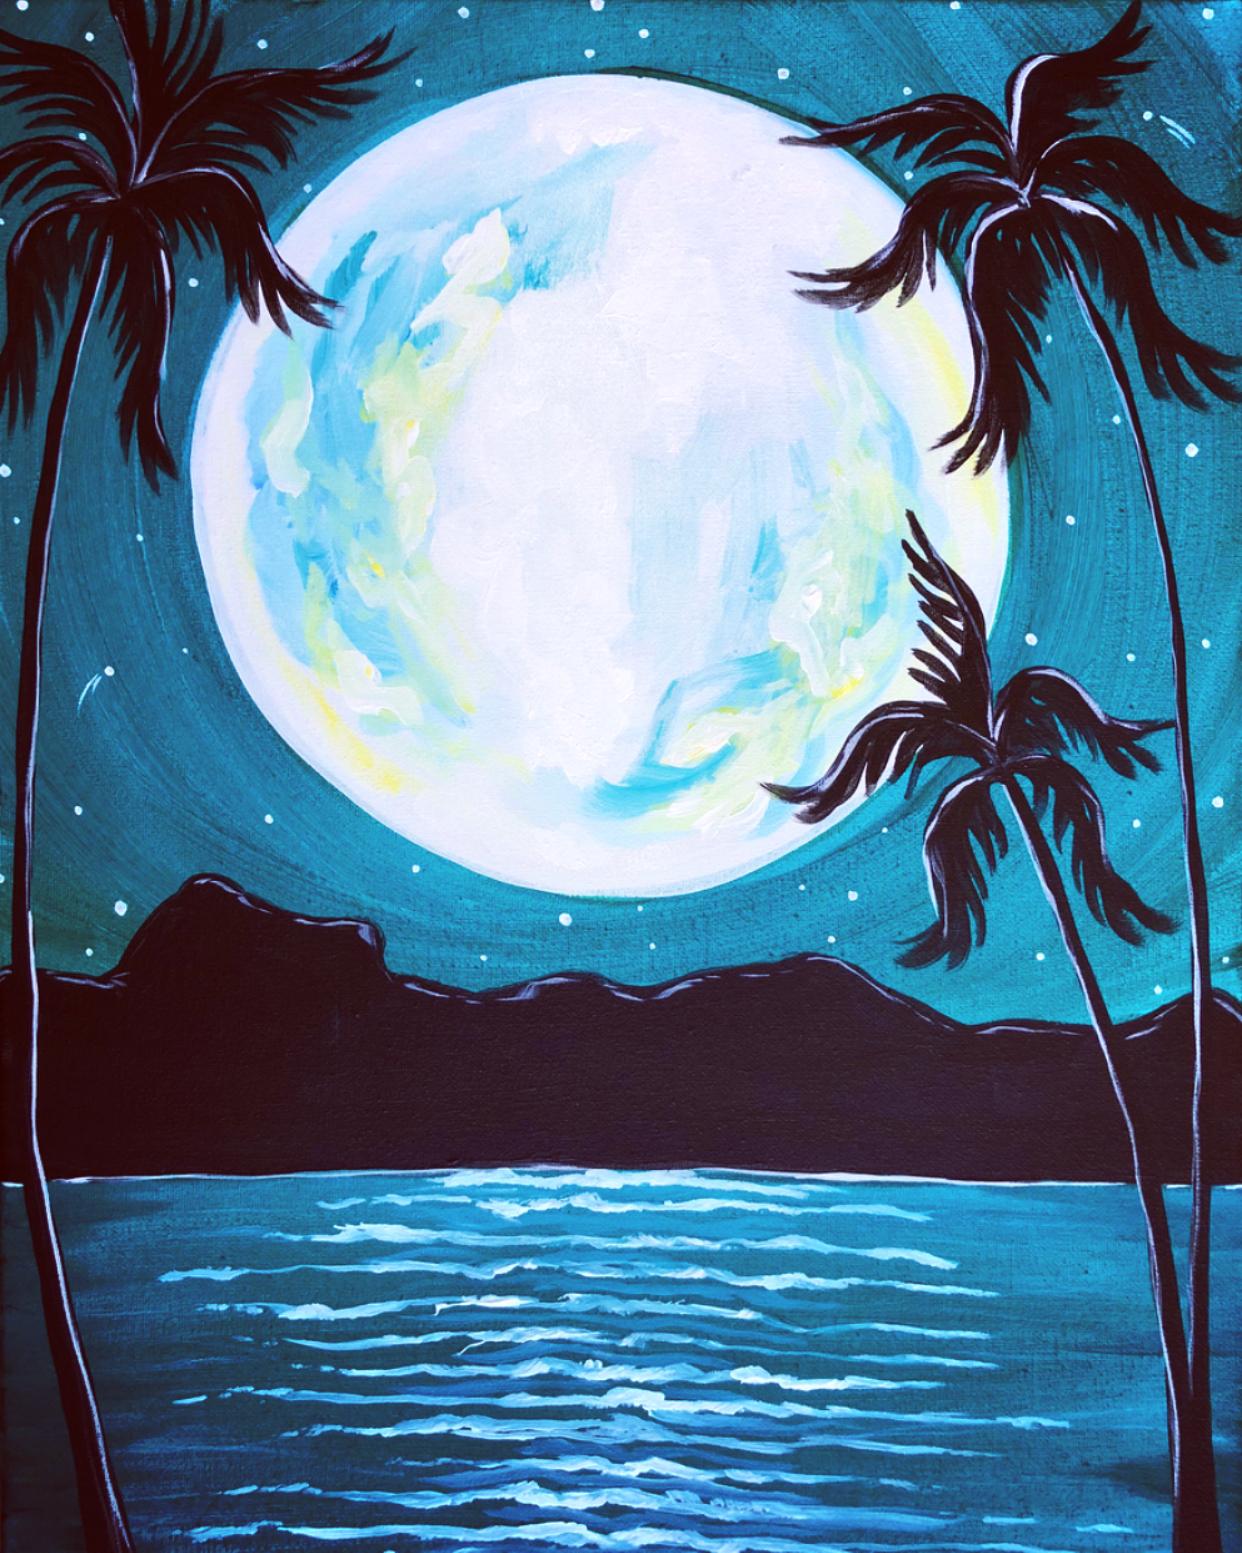 Full Moon Over Sleeping Giant.jpg